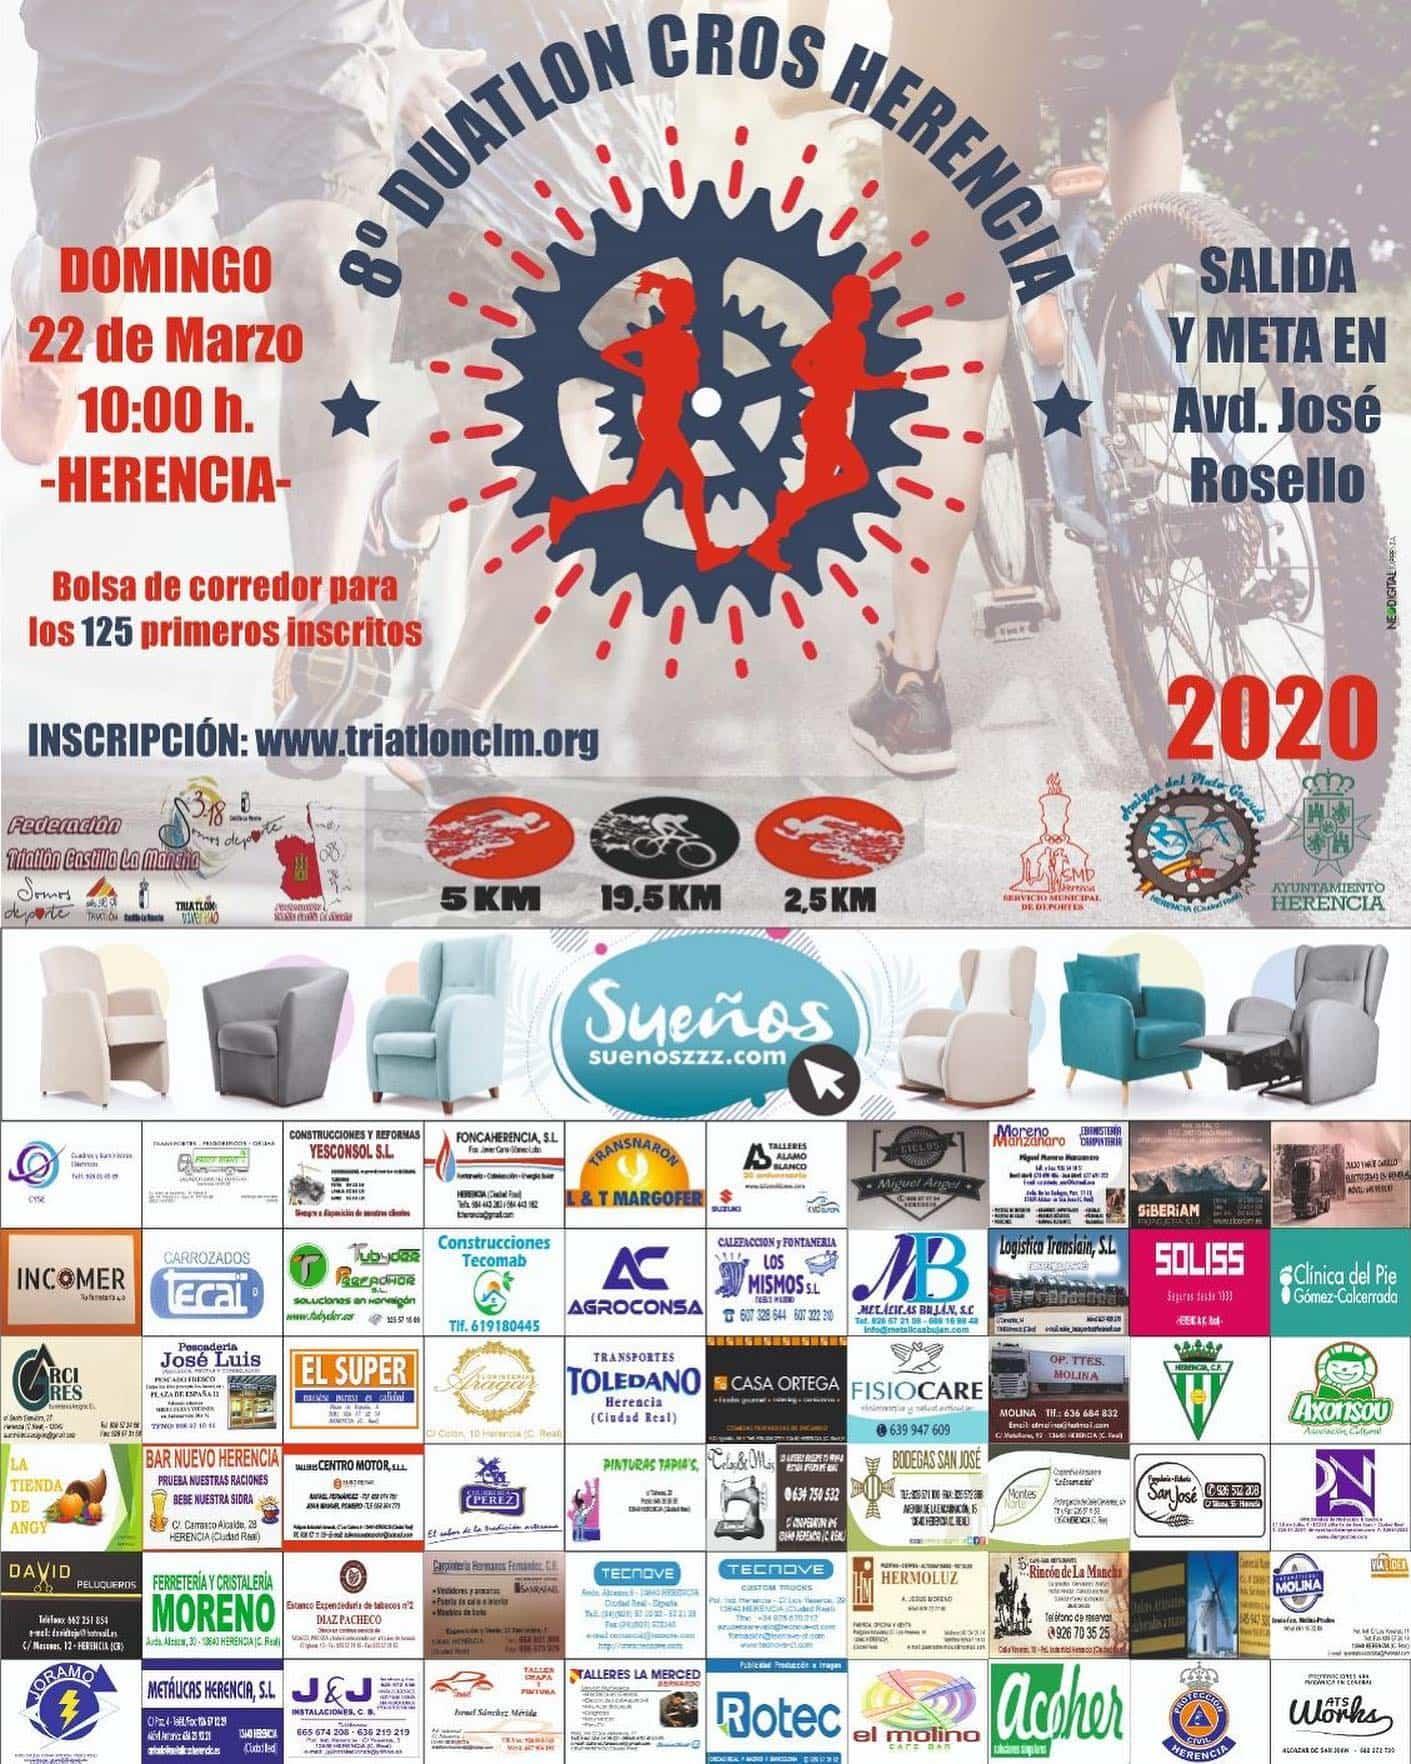 8 duatlon cross herencia 2020 - Abiertas las inscripciones para el 8º Duatlón-Cross en Herencia